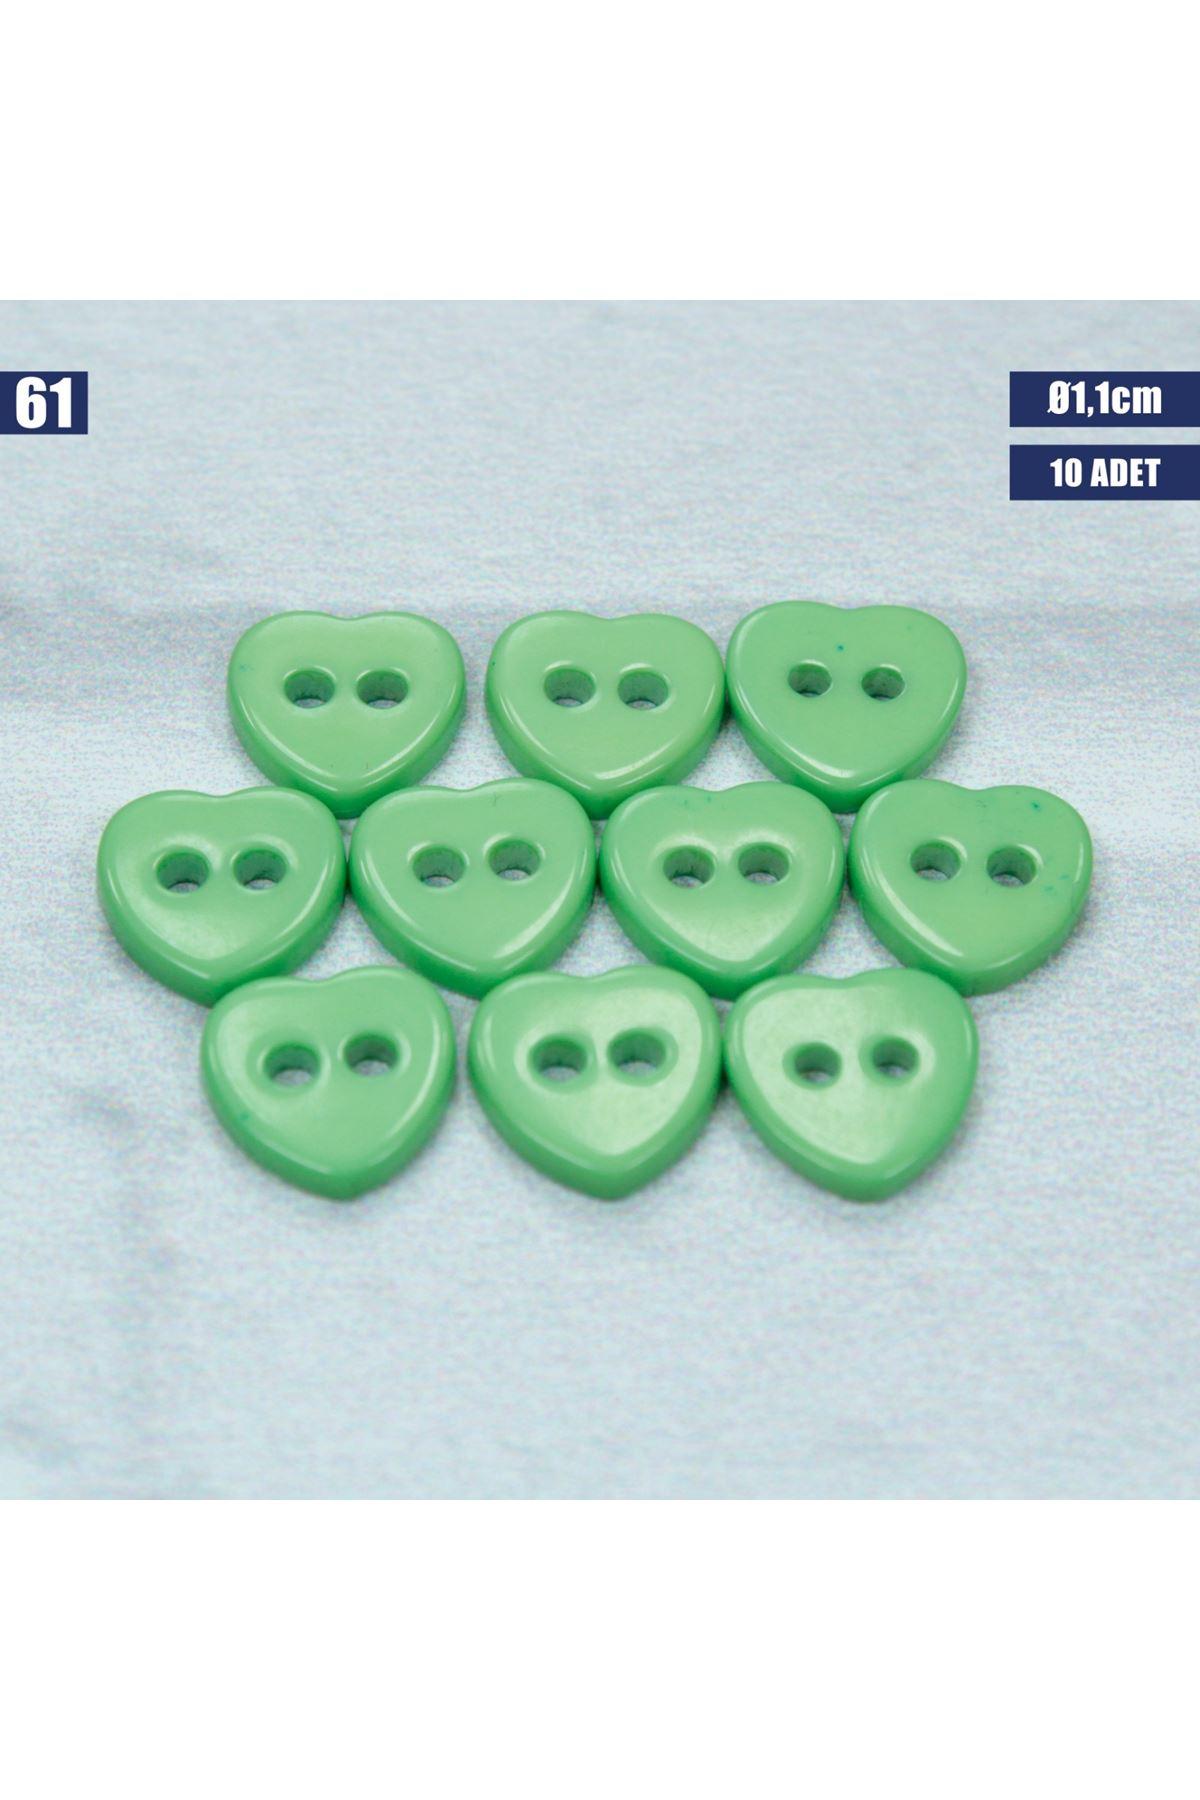 Amigurumi Düğmesi Ø 1,1cm - 61